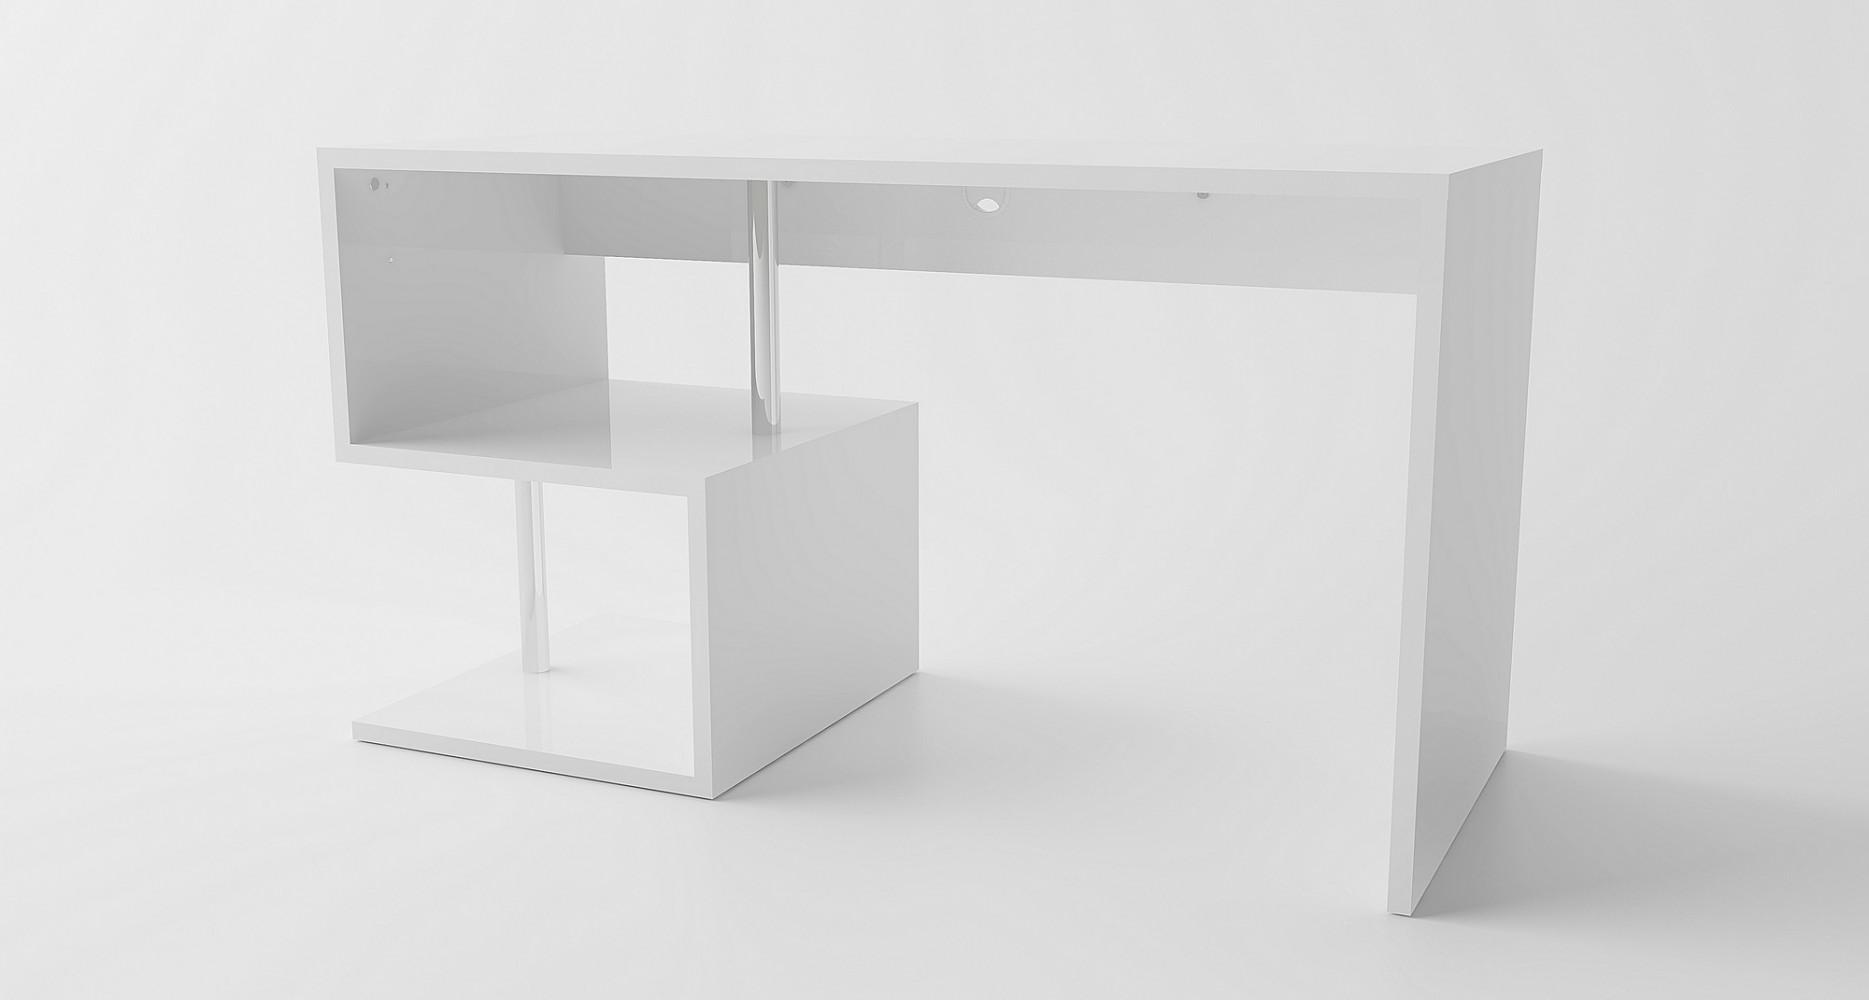 tecnos esse schreibtisch computertisch ecktisch winkeltisch b ro weiss neu ebay. Black Bedroom Furniture Sets. Home Design Ideas